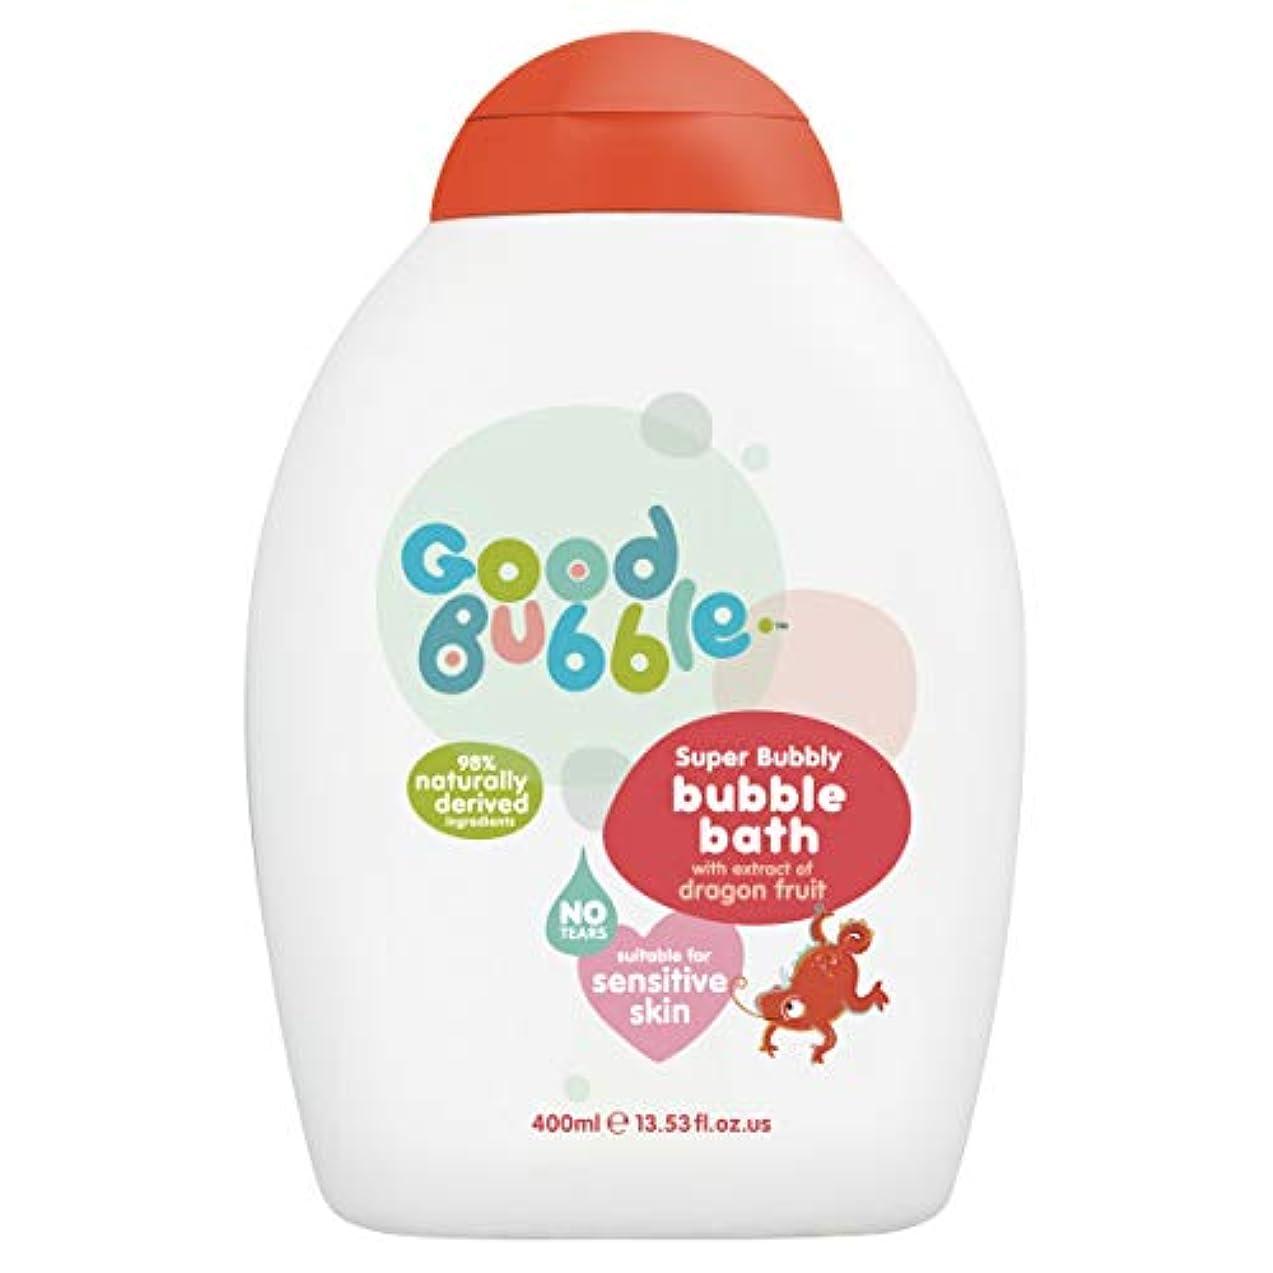 鎮痛剤風が強い名前を作るGood Bubble - Bubble Bath - Super Bubbly with Dragon Fruit Extract - 400ml